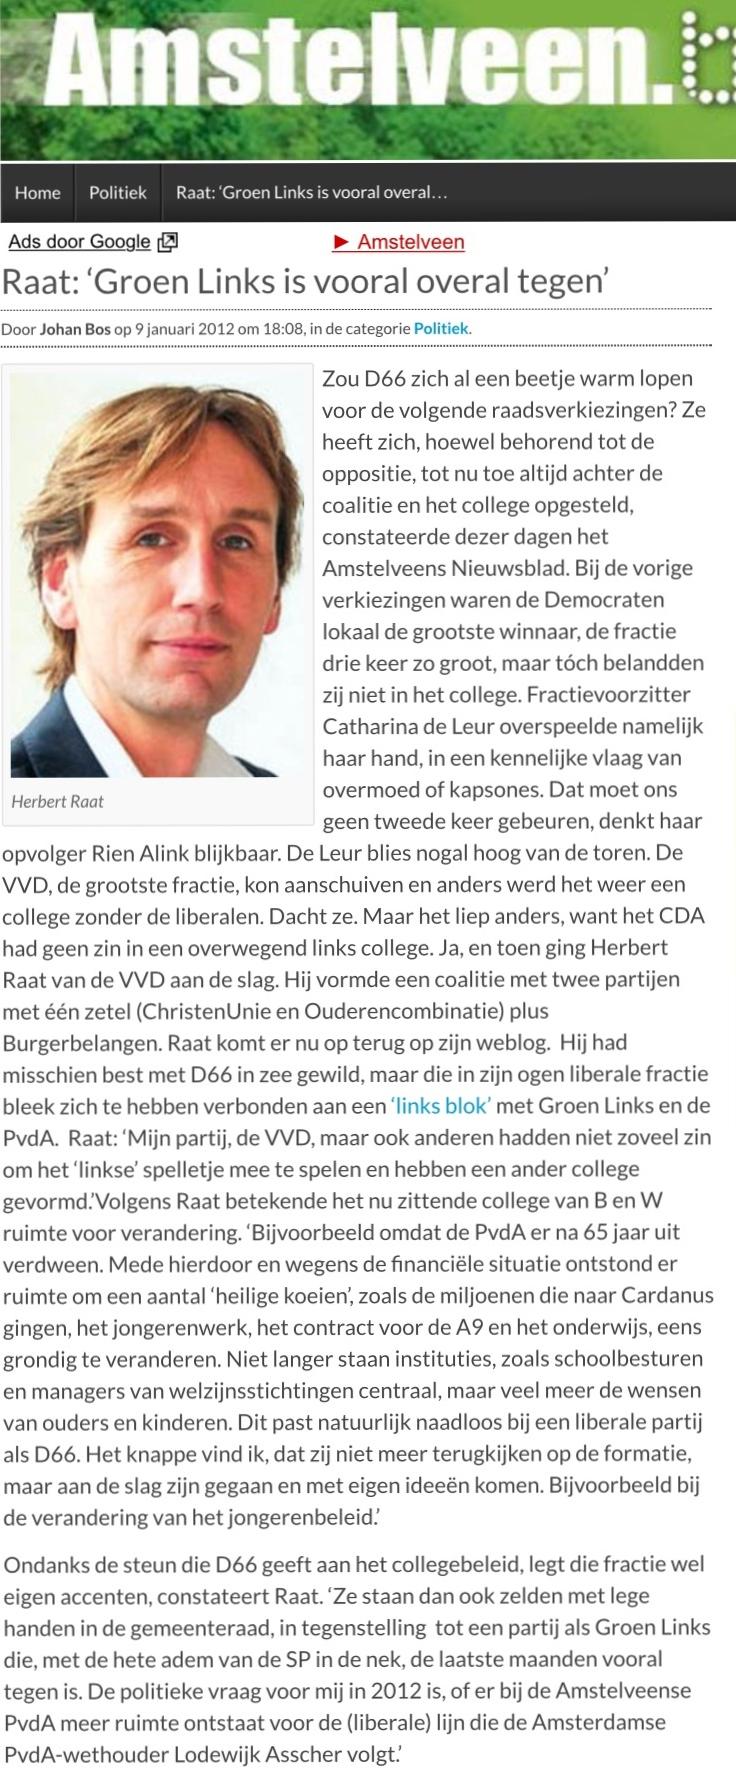 2012-9-1; Amstelveenblog.nl Herbert Raat over de positie van D66 Amstelveen en Groen Links nu ze in de oppositie zijn beland.